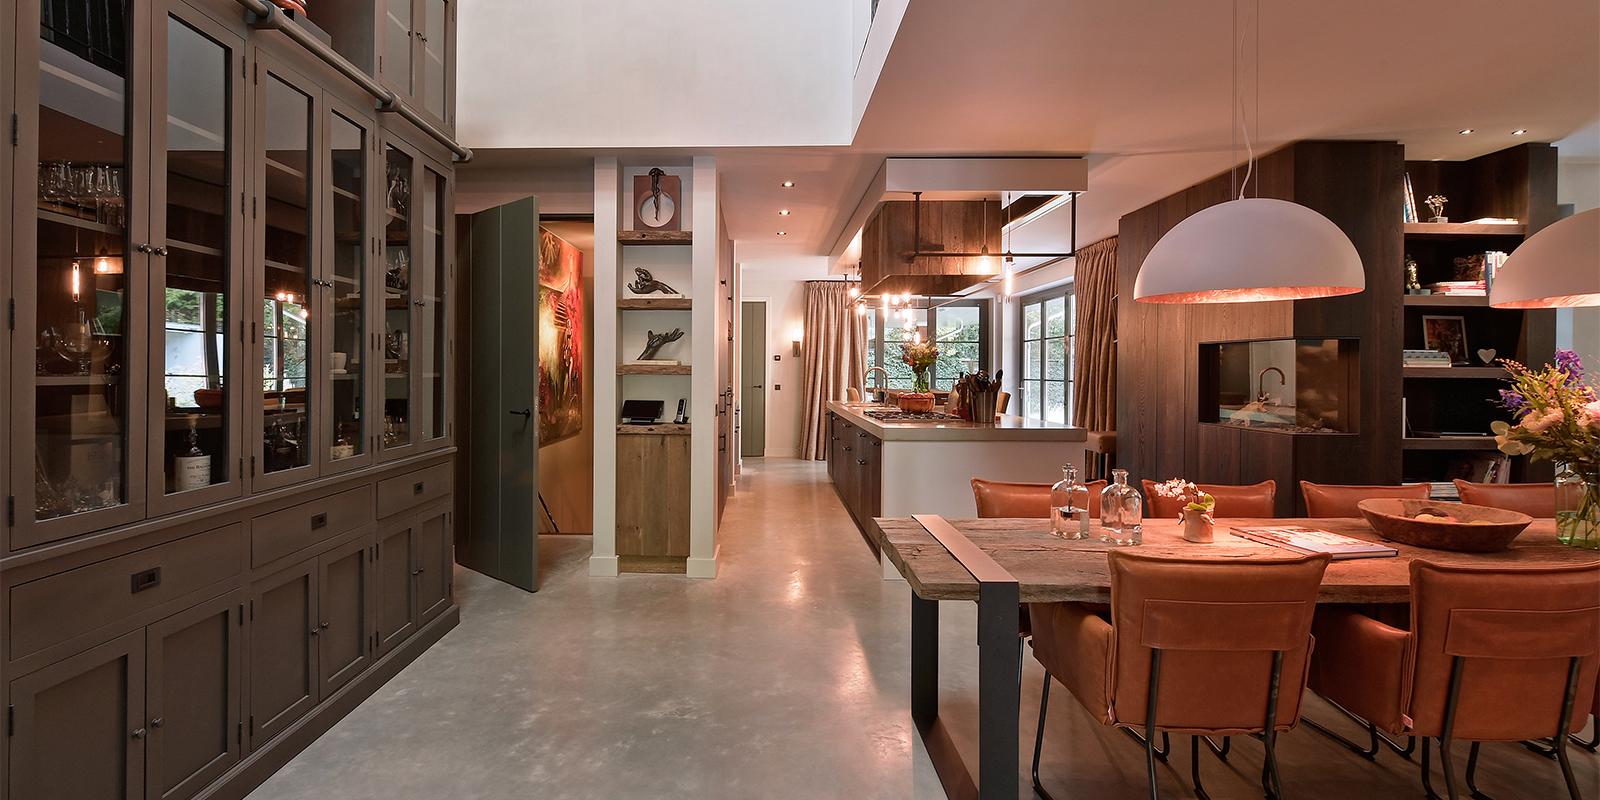 Keuken met hout, Keuken inspiratie, Koken, Van der Padt, Houtelementen, Landelijk modern